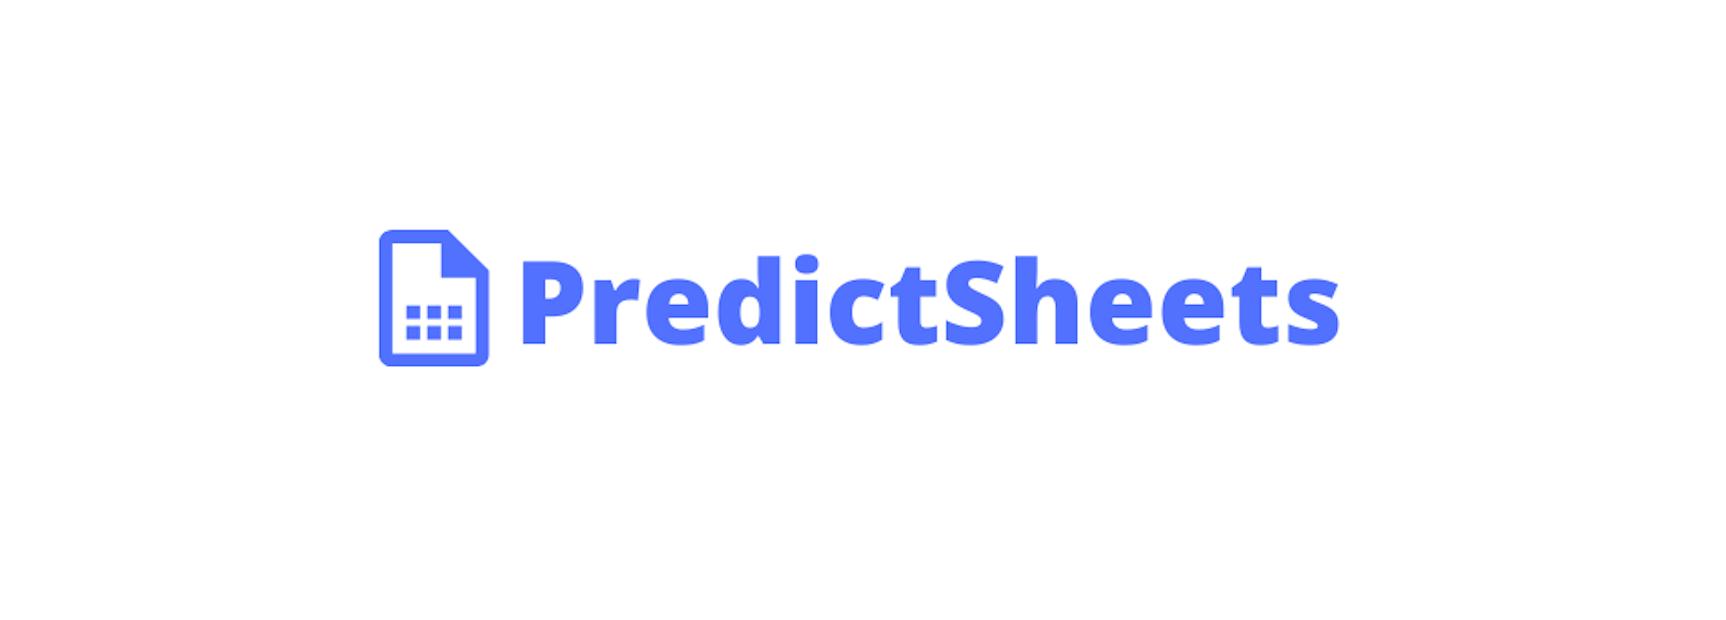 PredictSheets logo